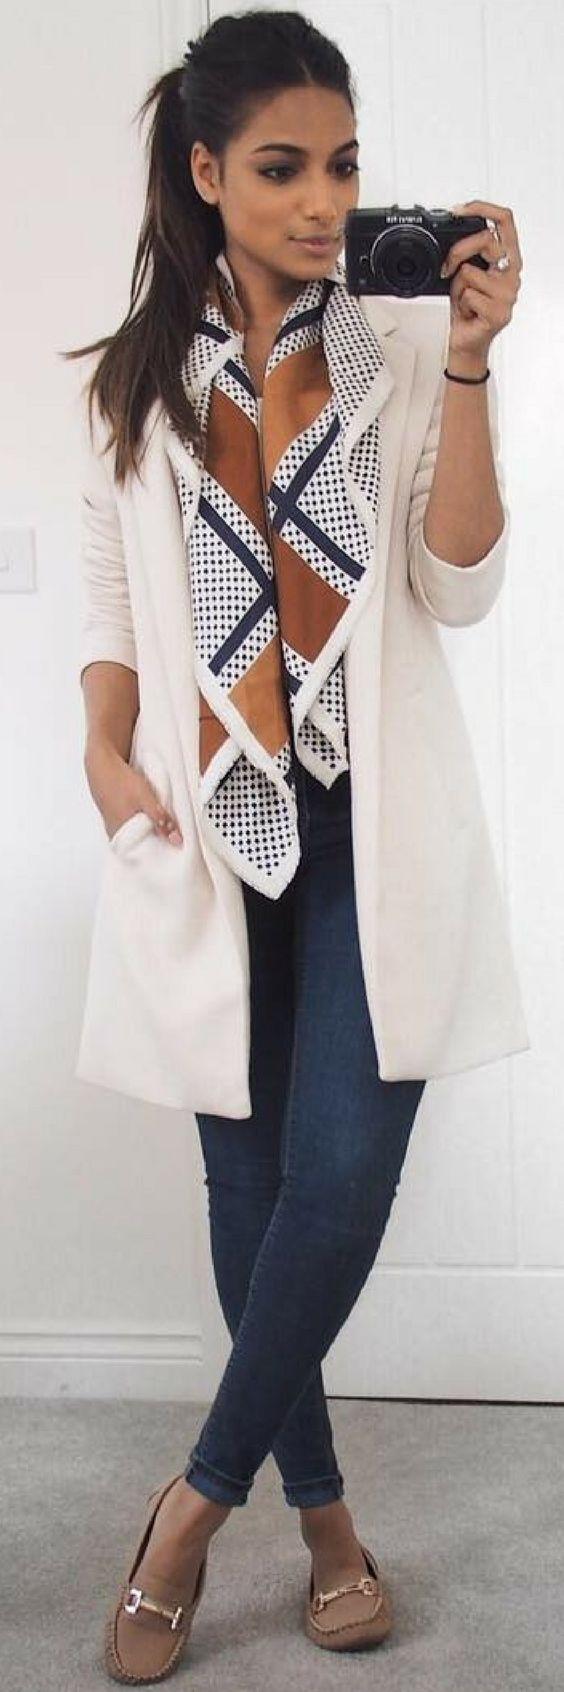 Autumn Blazer – Fall Outfit Idea by Anika Coutinho